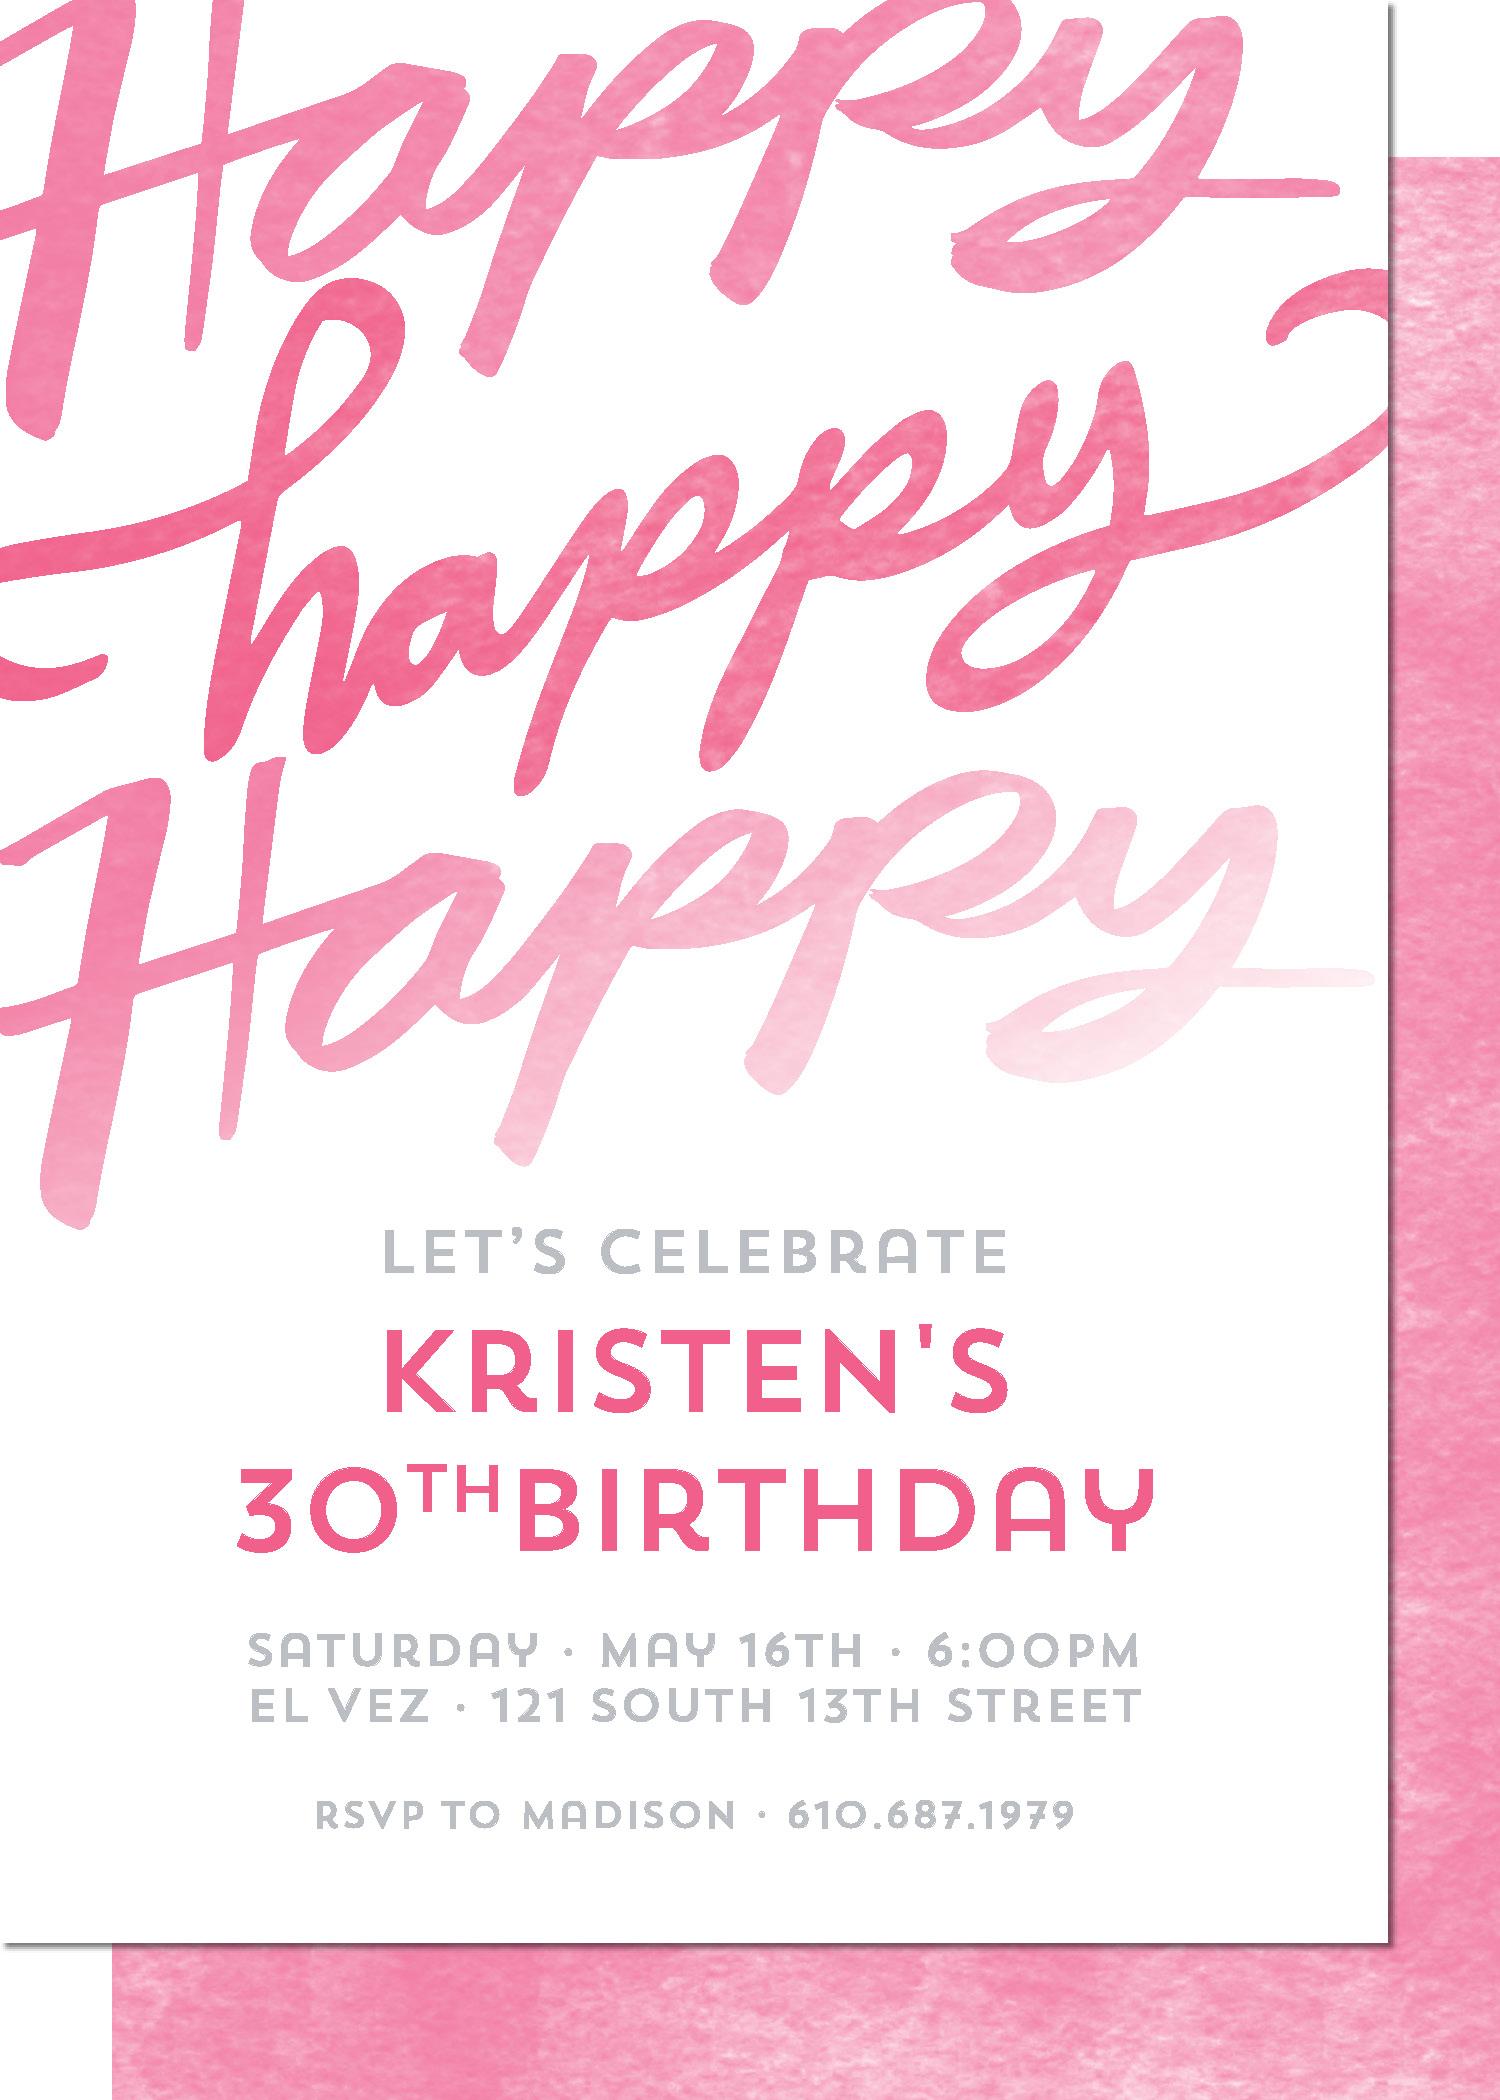 KD3108IN-PB Happy Day